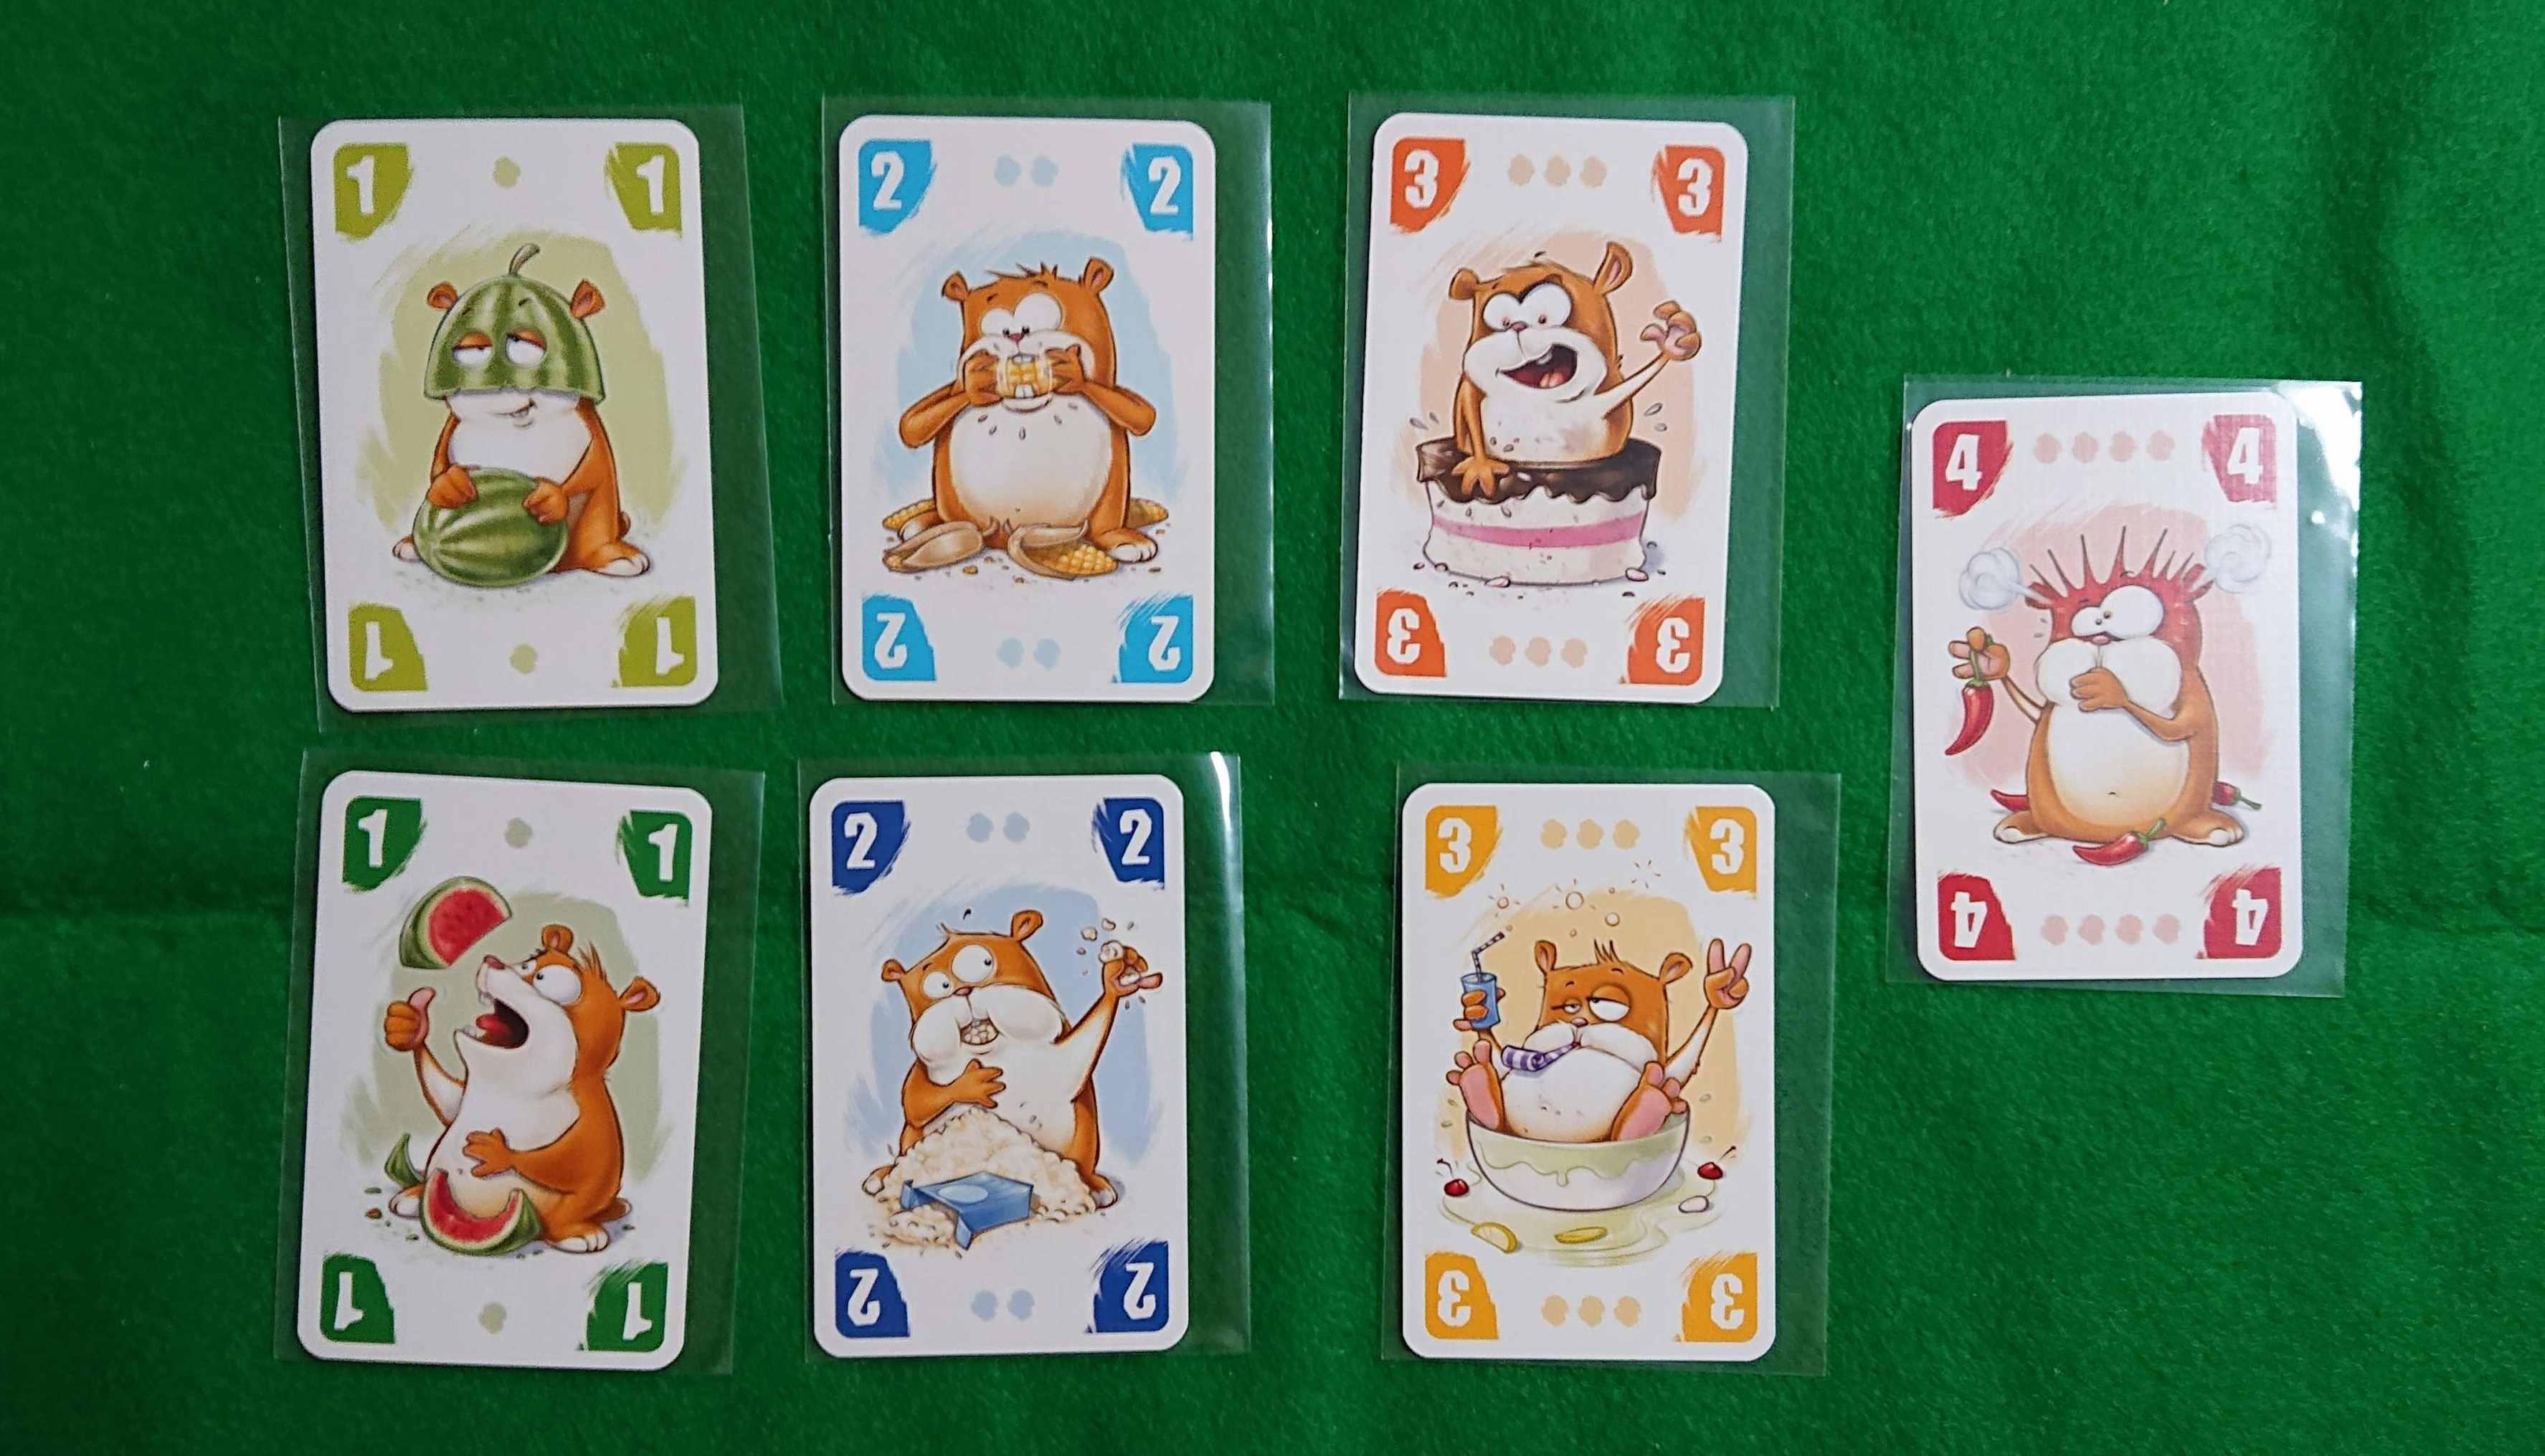 よくばりハムスター(Hamster Backe) セットコレクション系カードゲーム 食料を多く確保しないと!! ルール説明 ボードゲーム